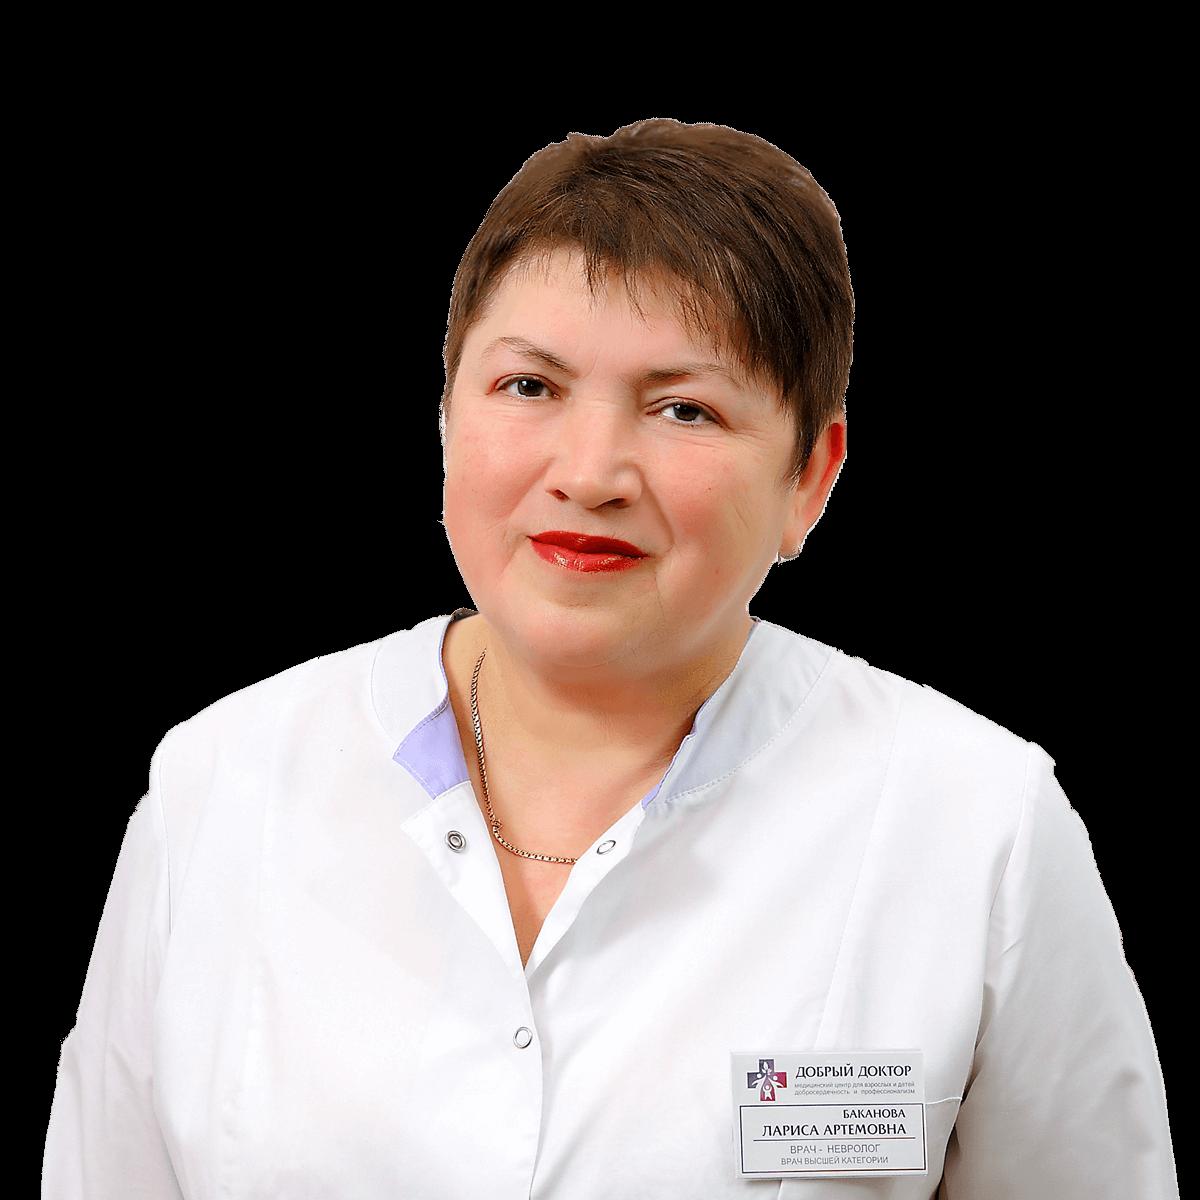 Баканова Лариса Артемовна